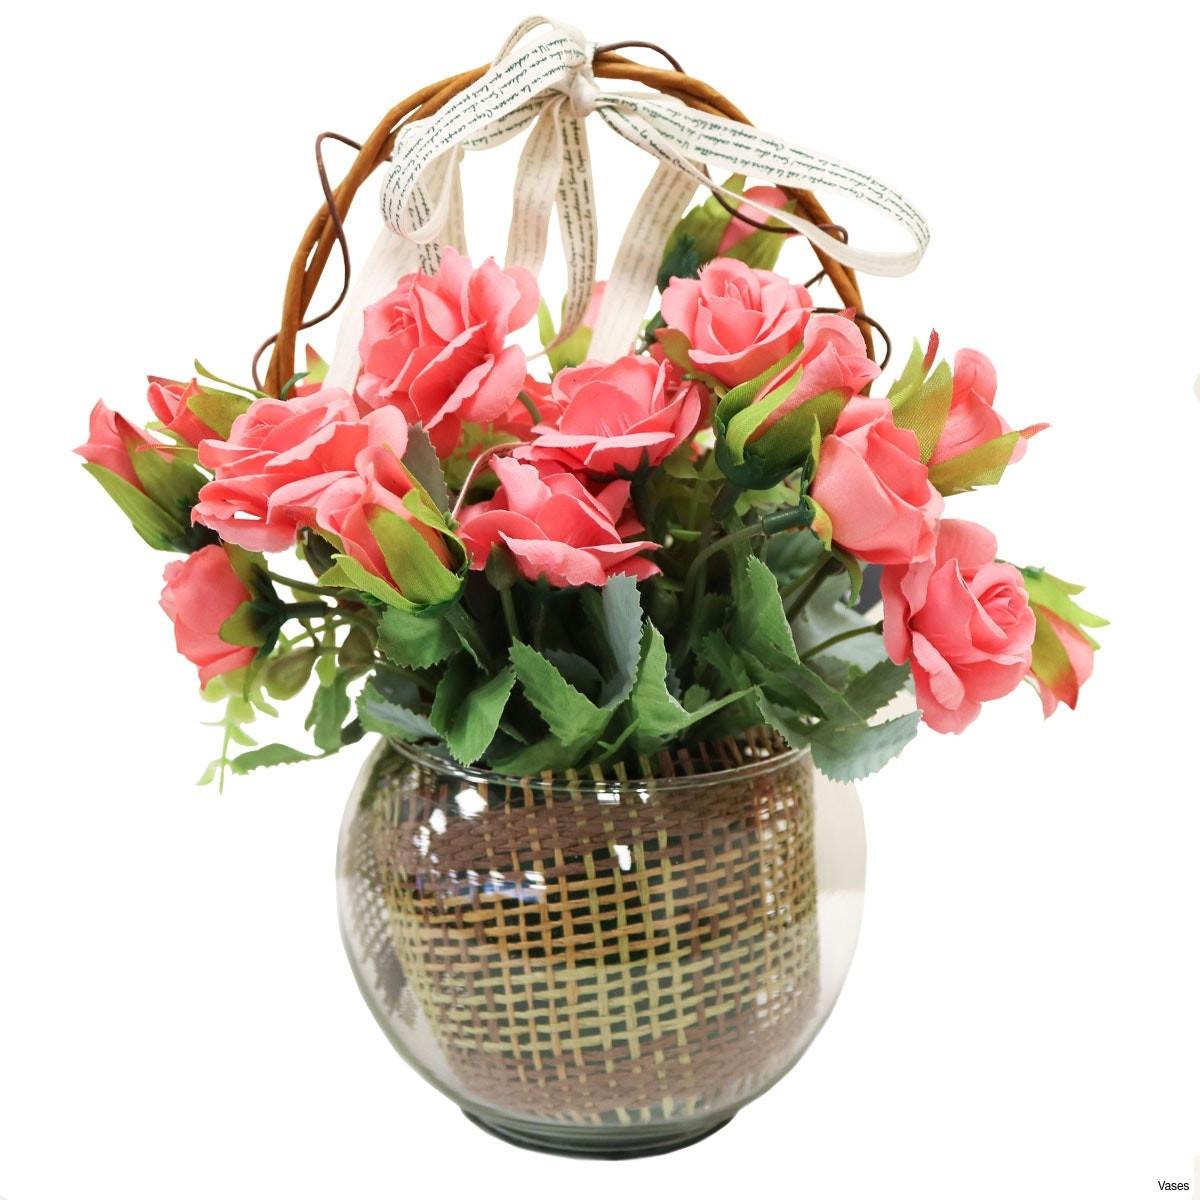 wall flower vase holder of 30 elegant flower basket decoration flower decoration ideas with bf142 11km 1200x1200h vases pink flower vase i 0d gold inspiration